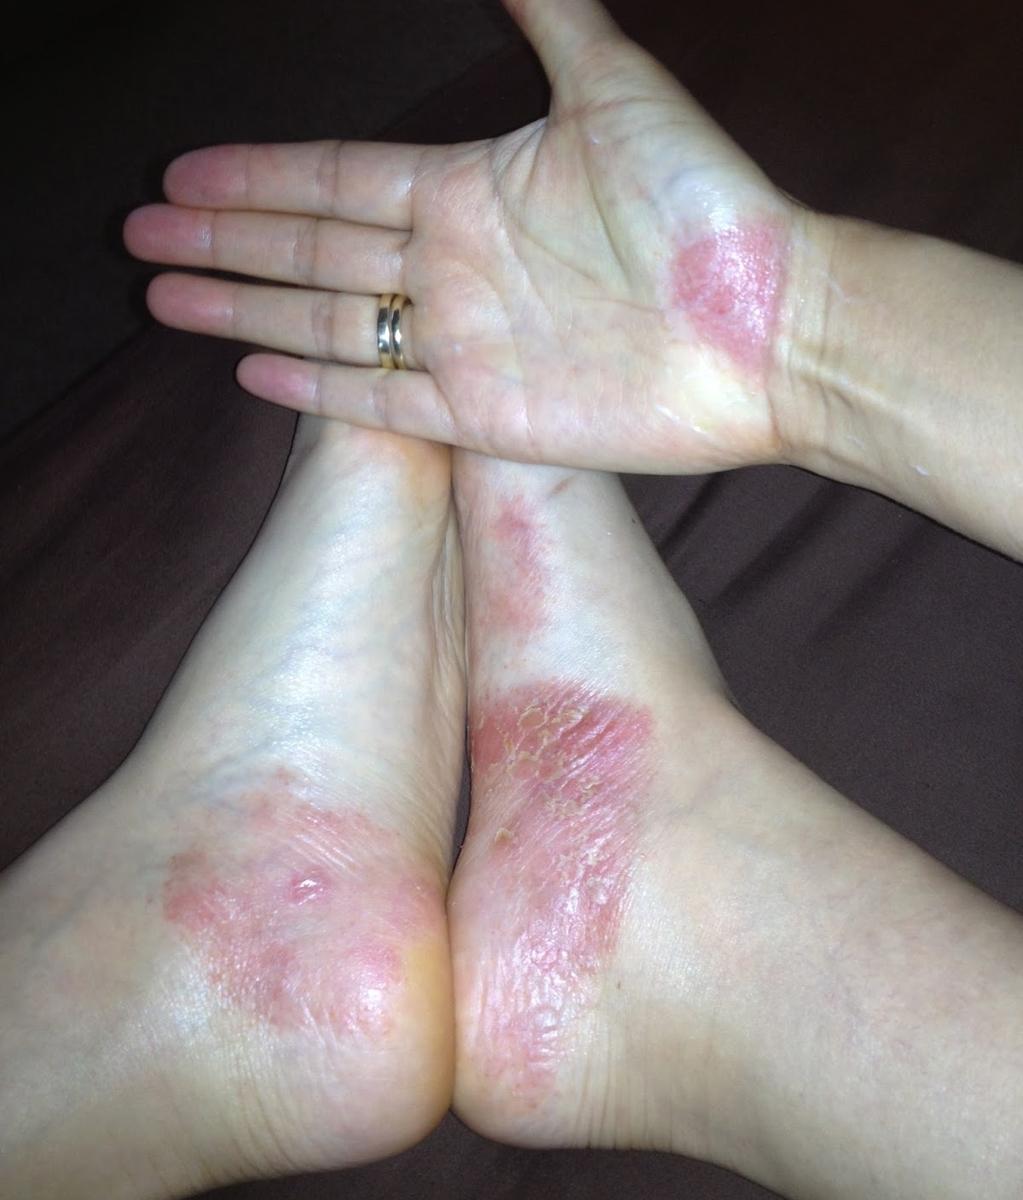 Лечение Псориаза Дегтярным Мылом